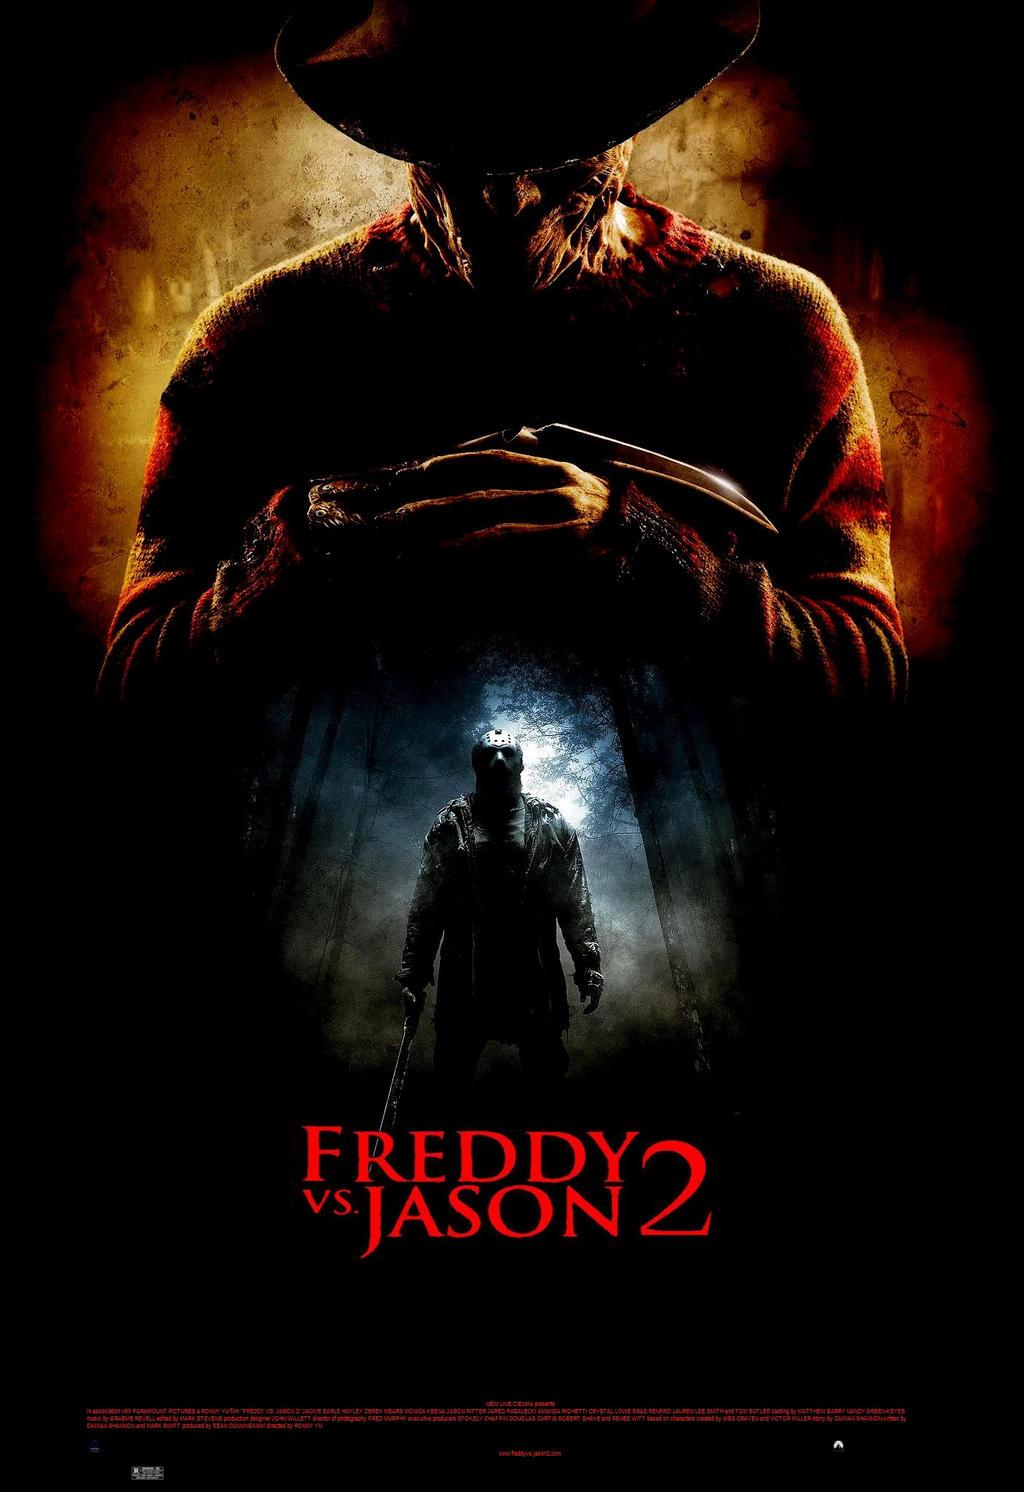 SteveIrwinFan96 Freddy Vs Jason 2 Poster By